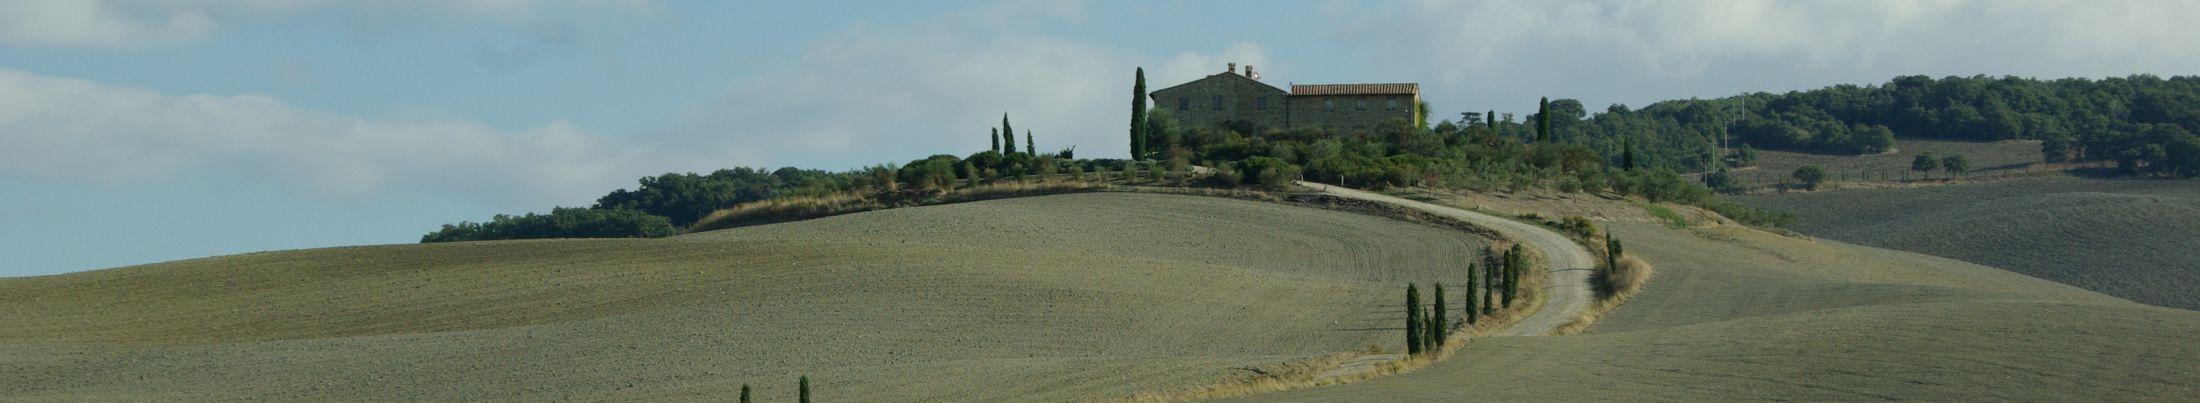 Agenzia Immobiliare 3Pi Servicea Castiglione d'Orcia / Val d'Orcia / Toscana